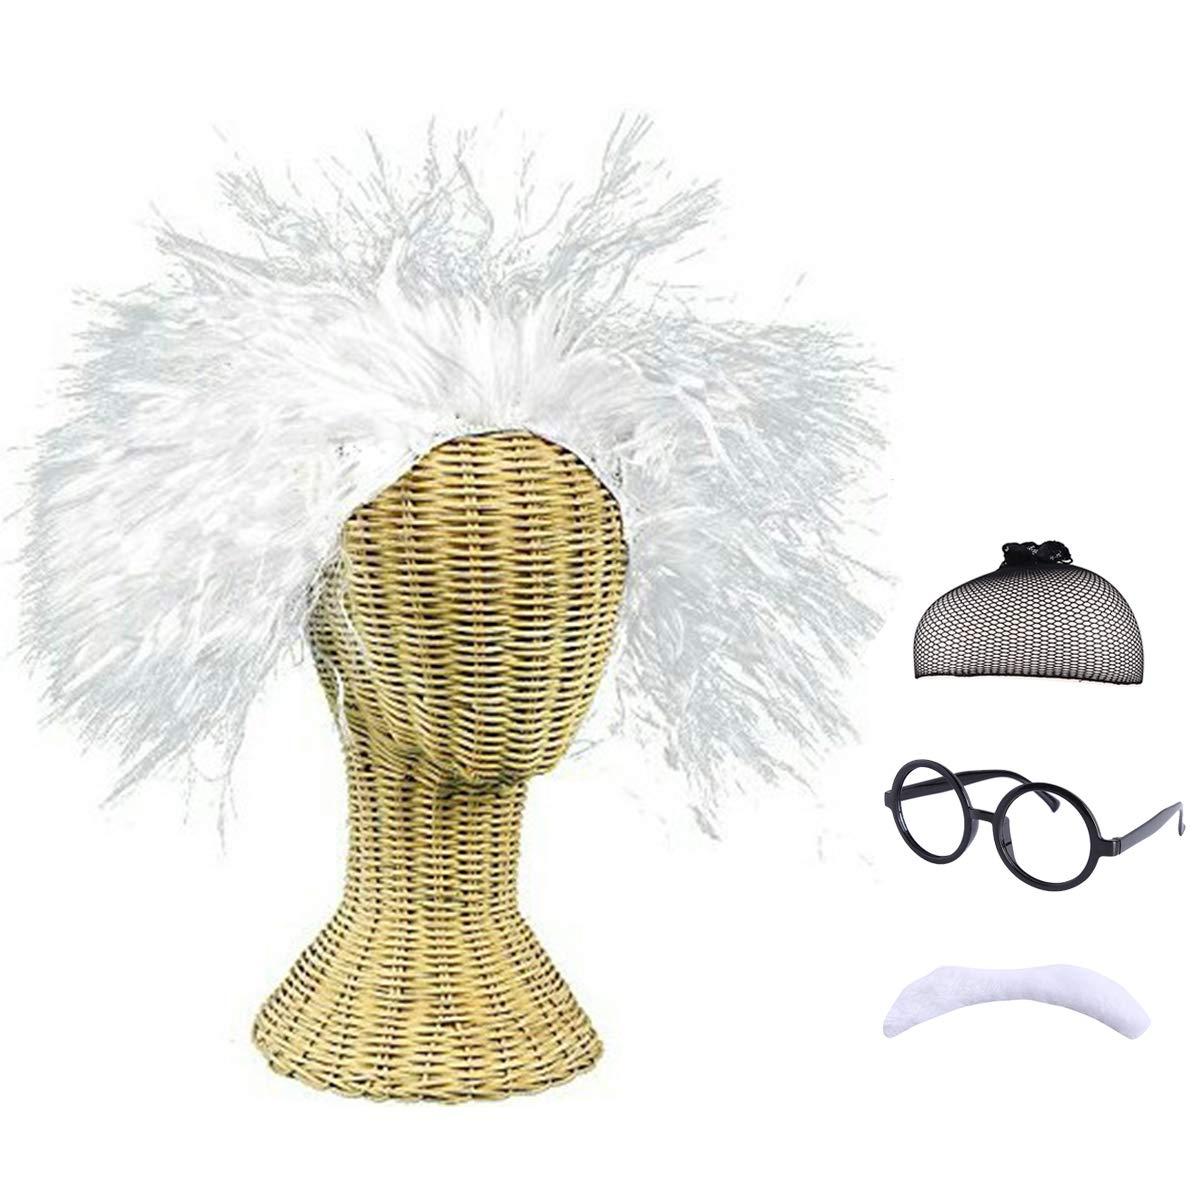 Old Man Mad Scientist Costume Albert Einstein/Ben Benjamin Franklin Cosplay Wig Crazy White Wig Mustache, 4 Pieces Set by CAMTOP